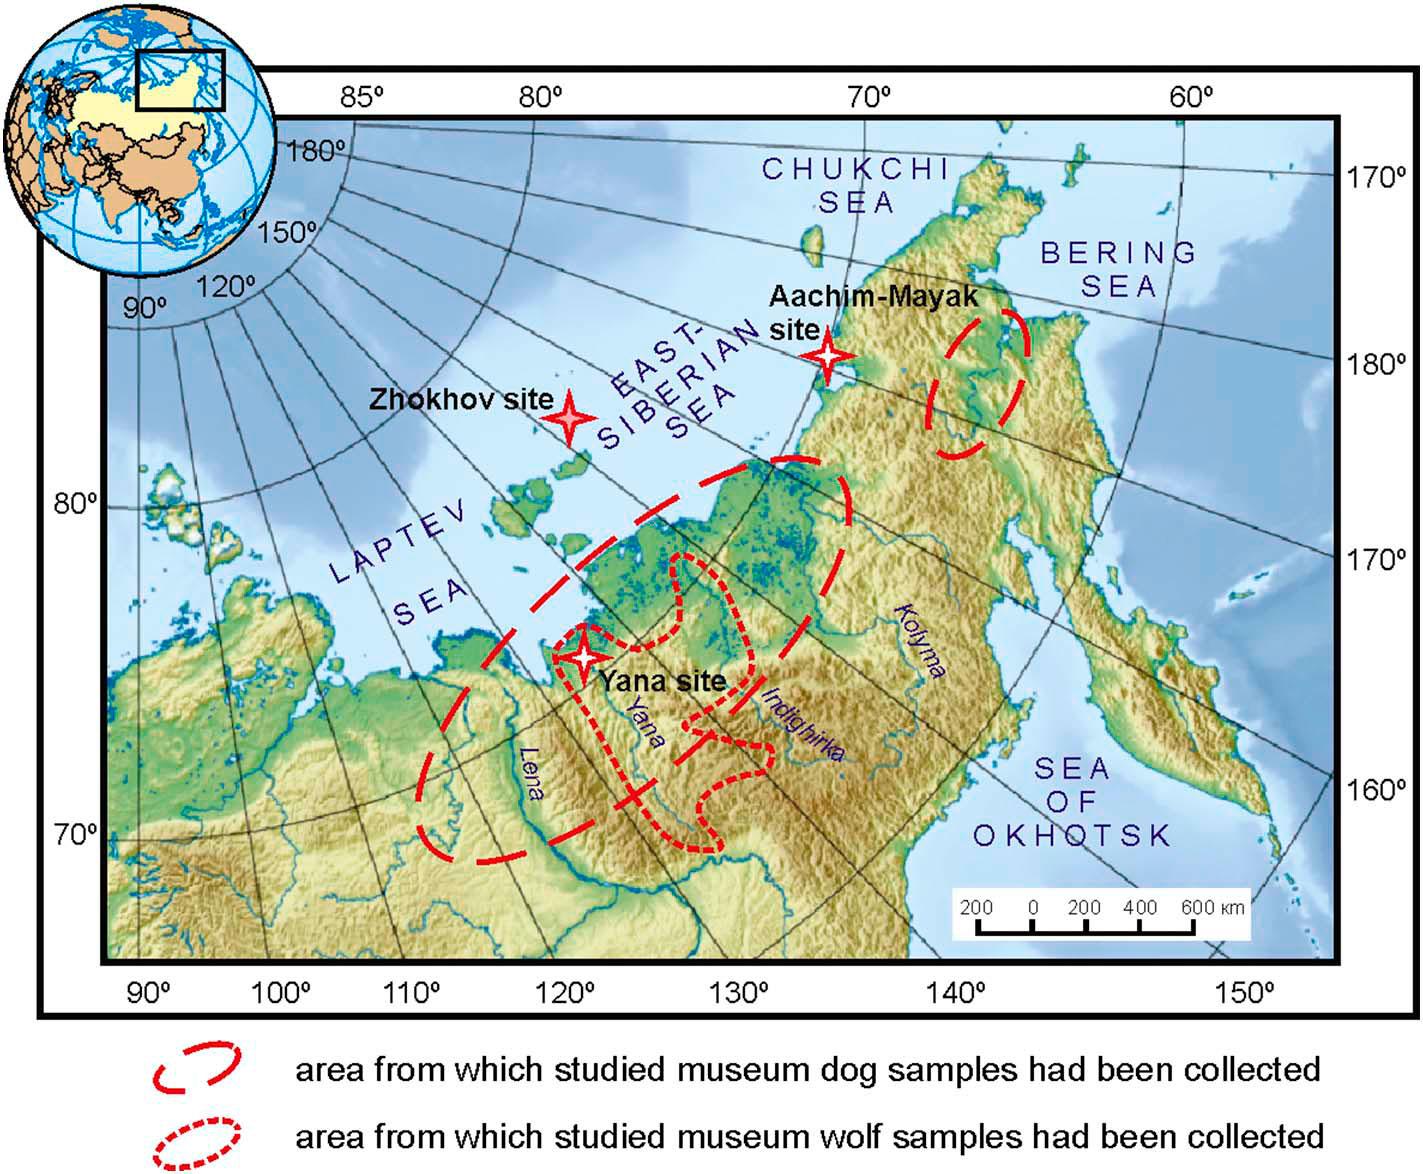 Карта исследуемой области. Звёздочкой отмечен остров Жохова.  Мелким пунктиром показана область, откуда происходят черепа волков музейной коллекции, участвовавшие висследовании. Крупный пунктир обозначает аналогичную область для собачьих черепов